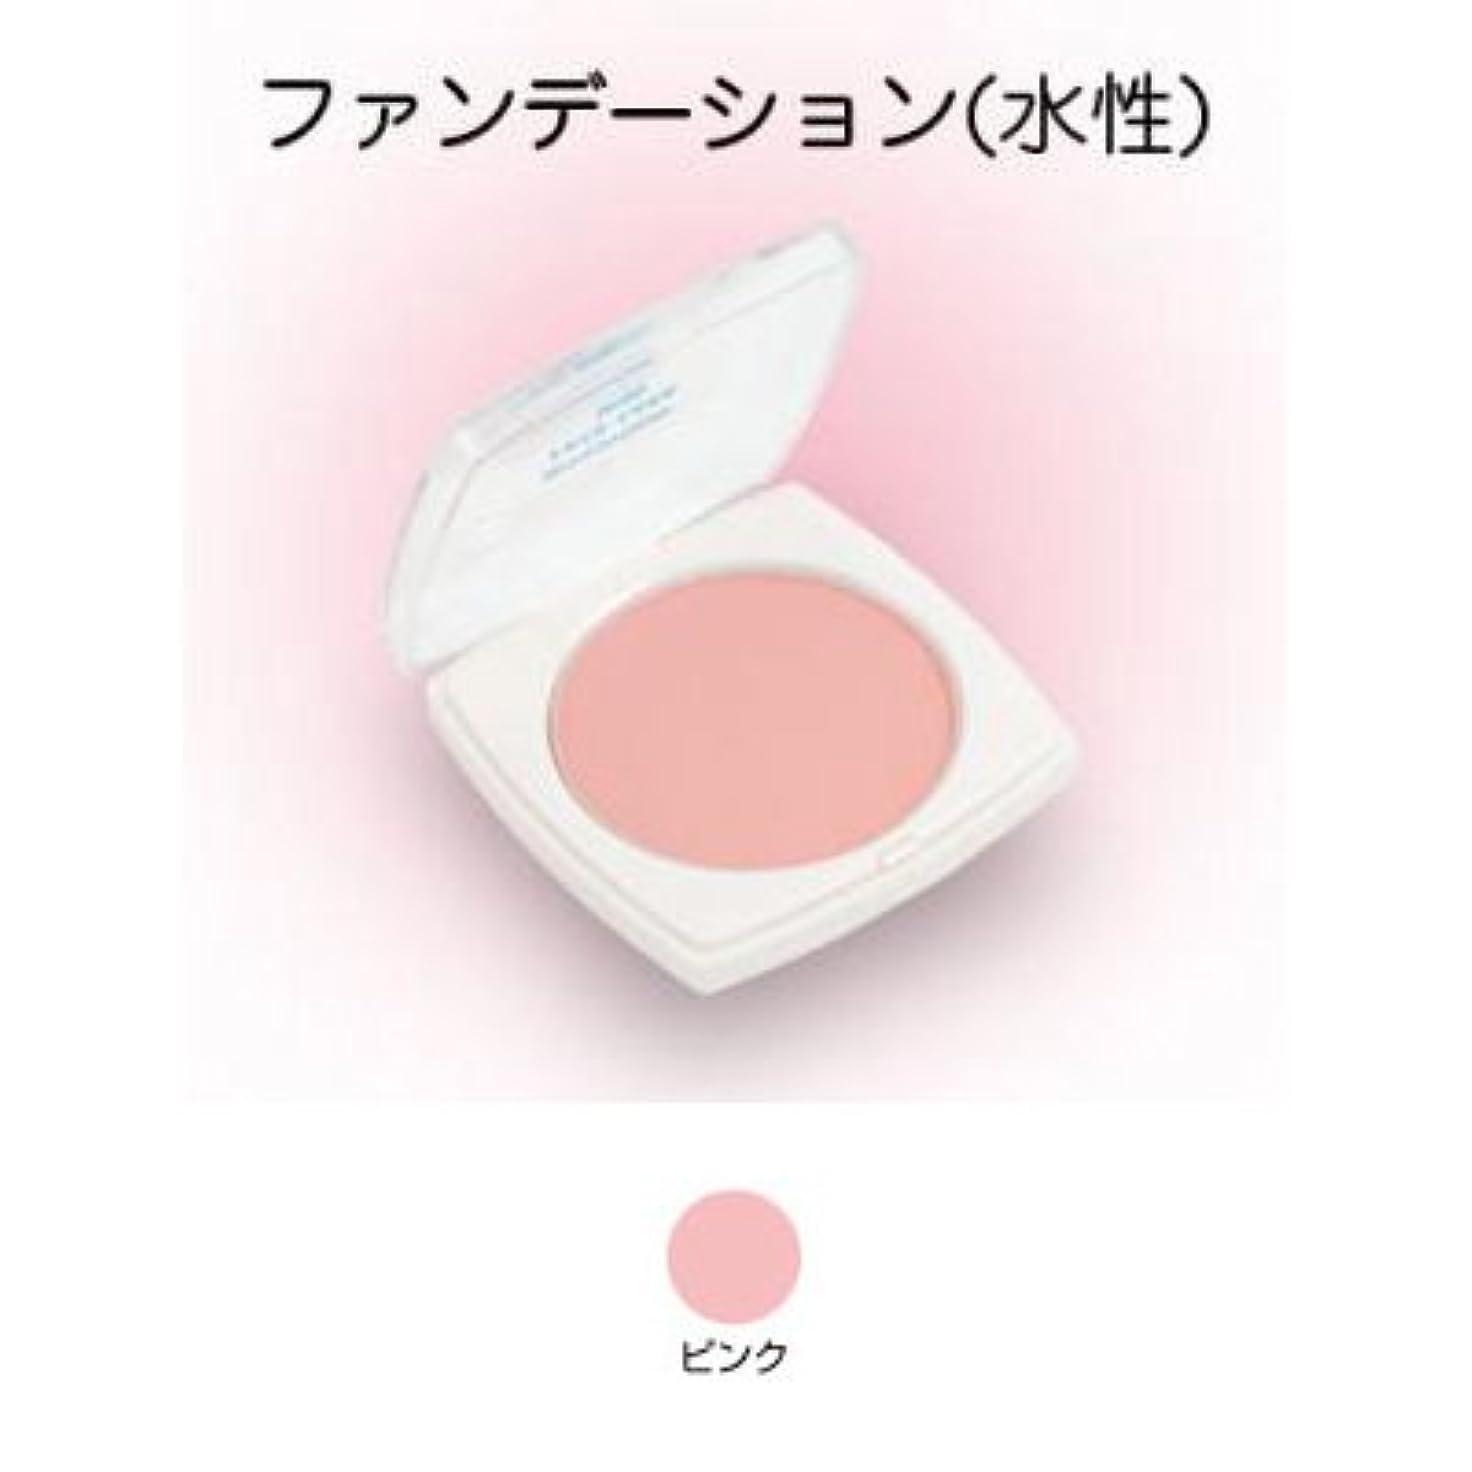 乗ってゆるいラップフェースケーキ ミニ 17g ピンク 【三善】